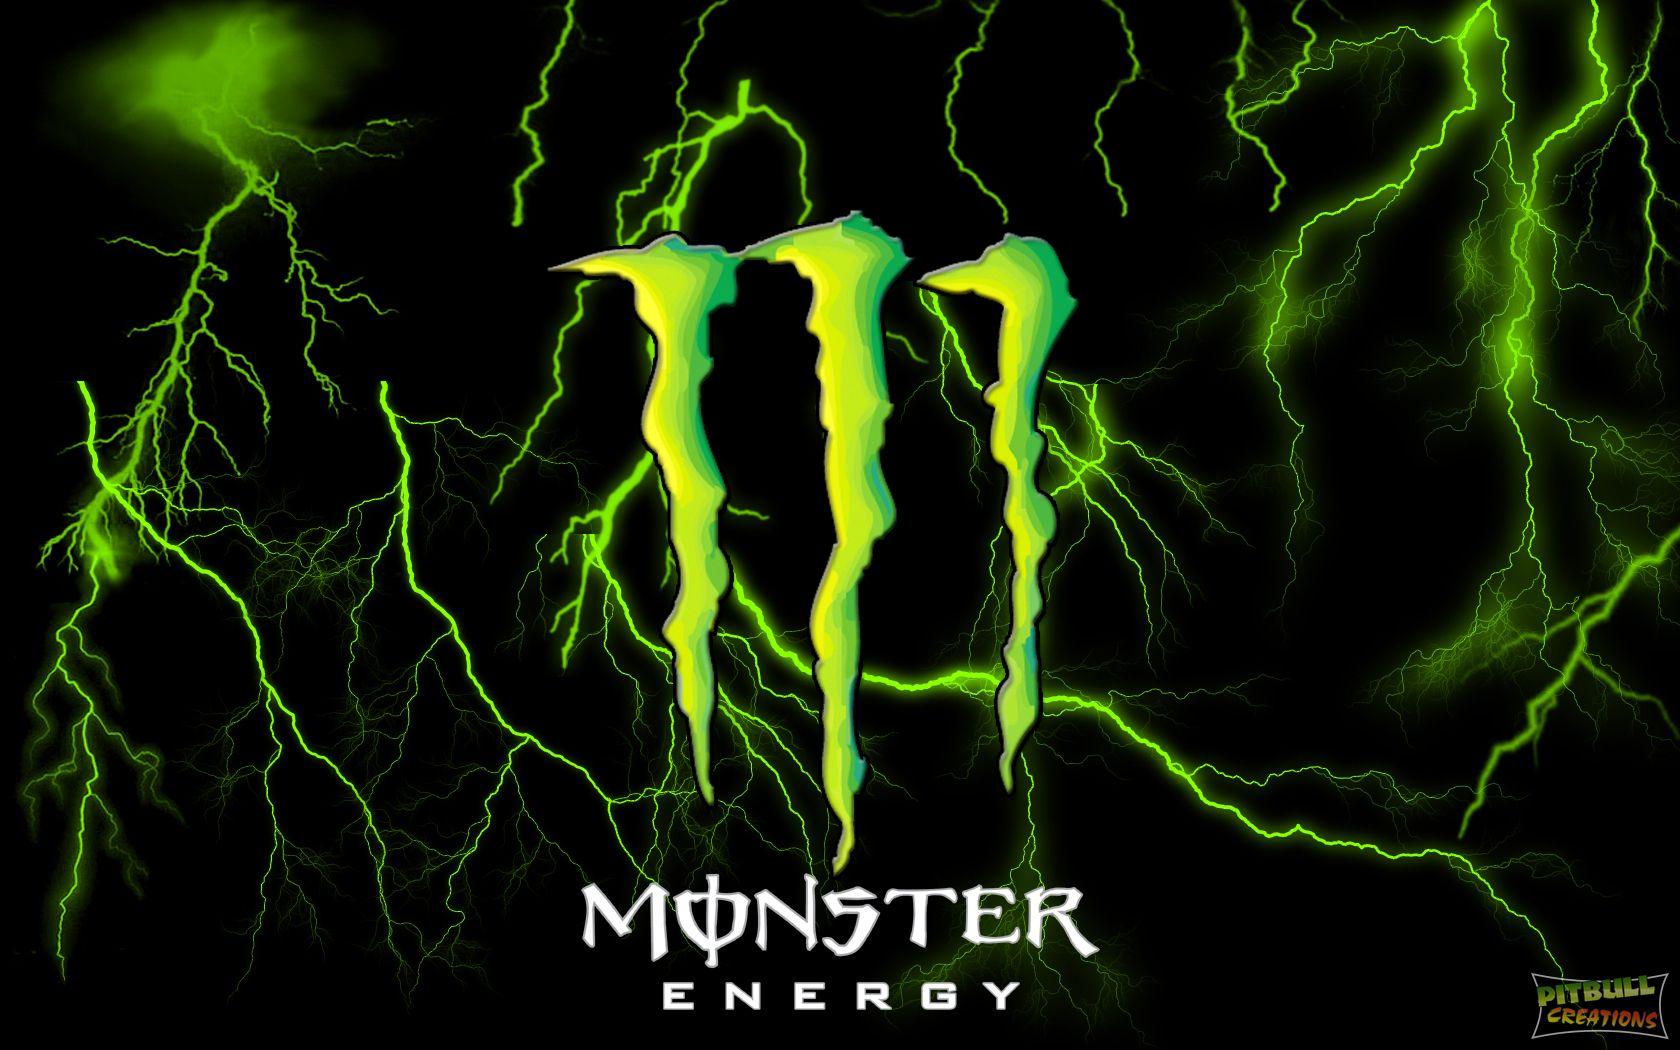 Monster Energy Bild 32623 Monster Energy Bilder 32623 Monster Energy Monster Latar Belakang